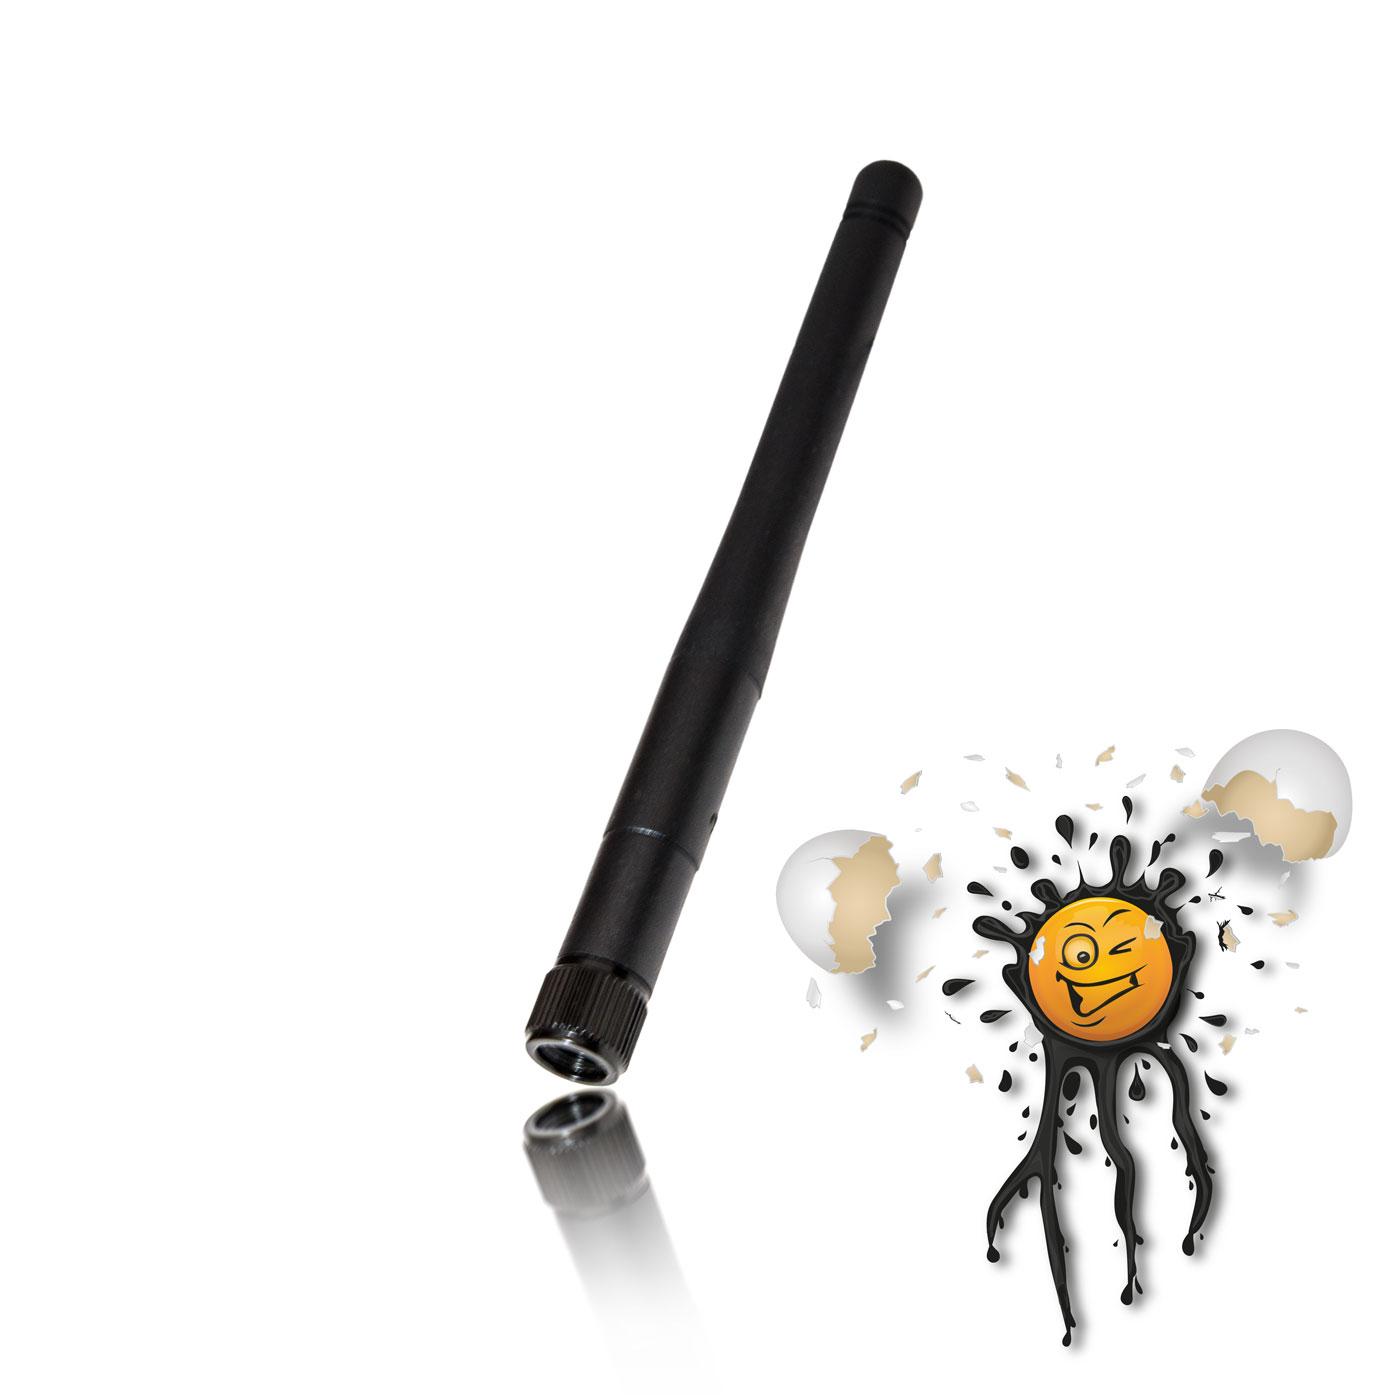 3dBi Antenne RP-SMA Stecker